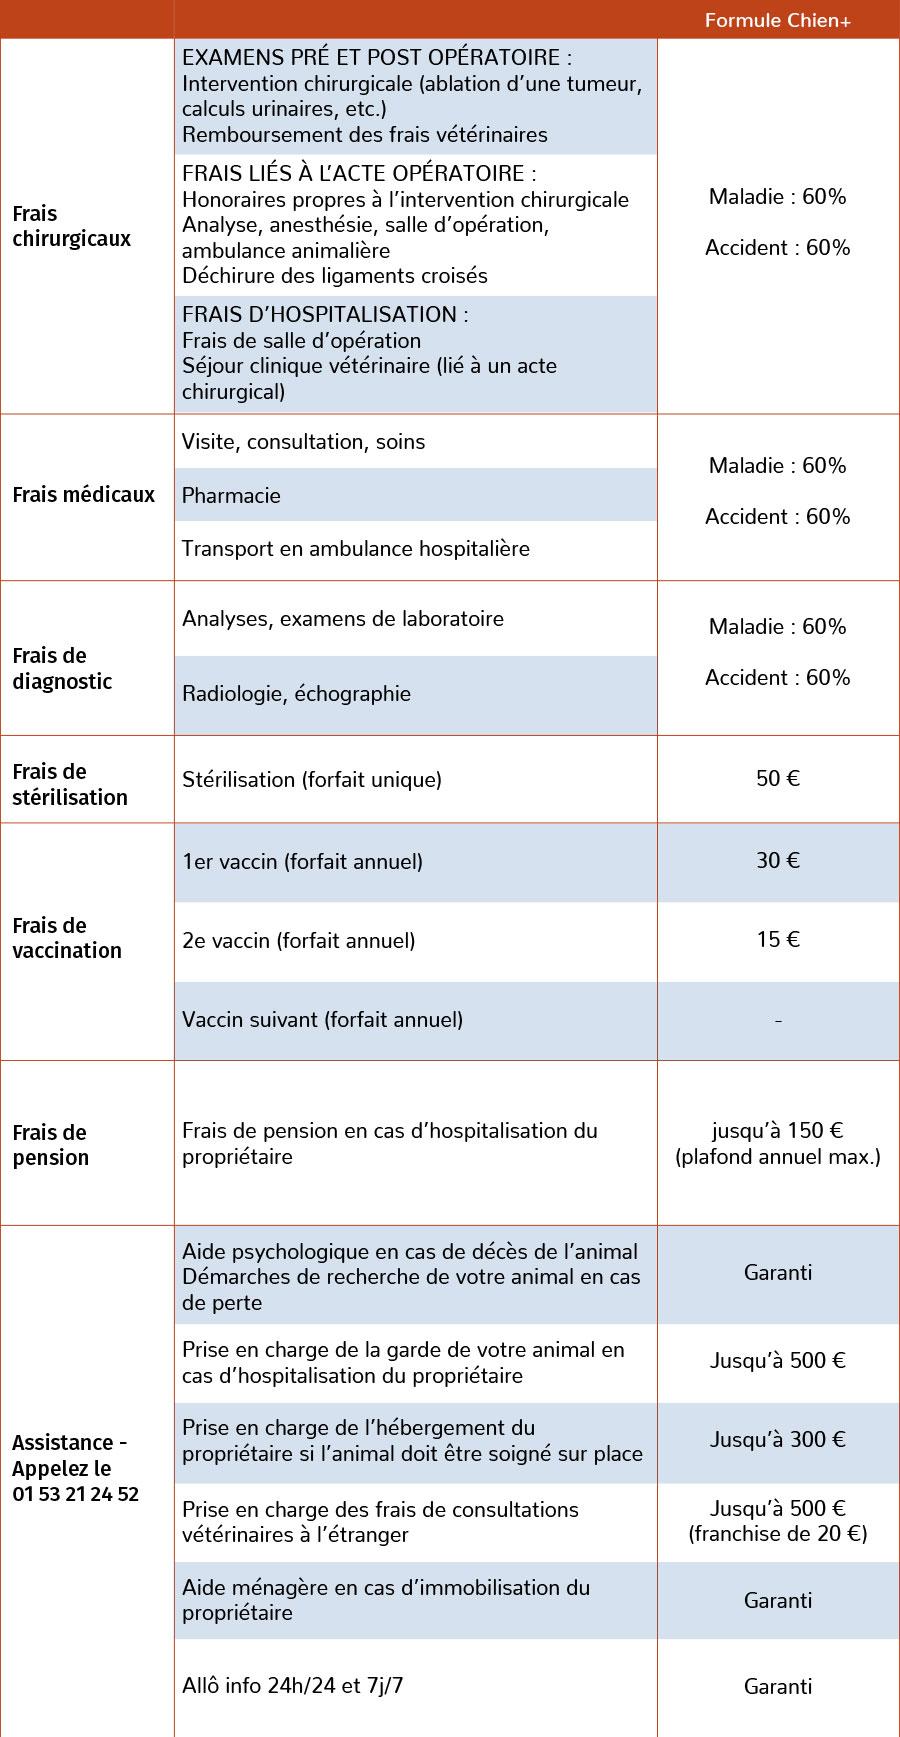 Garanties de la formule Chien +